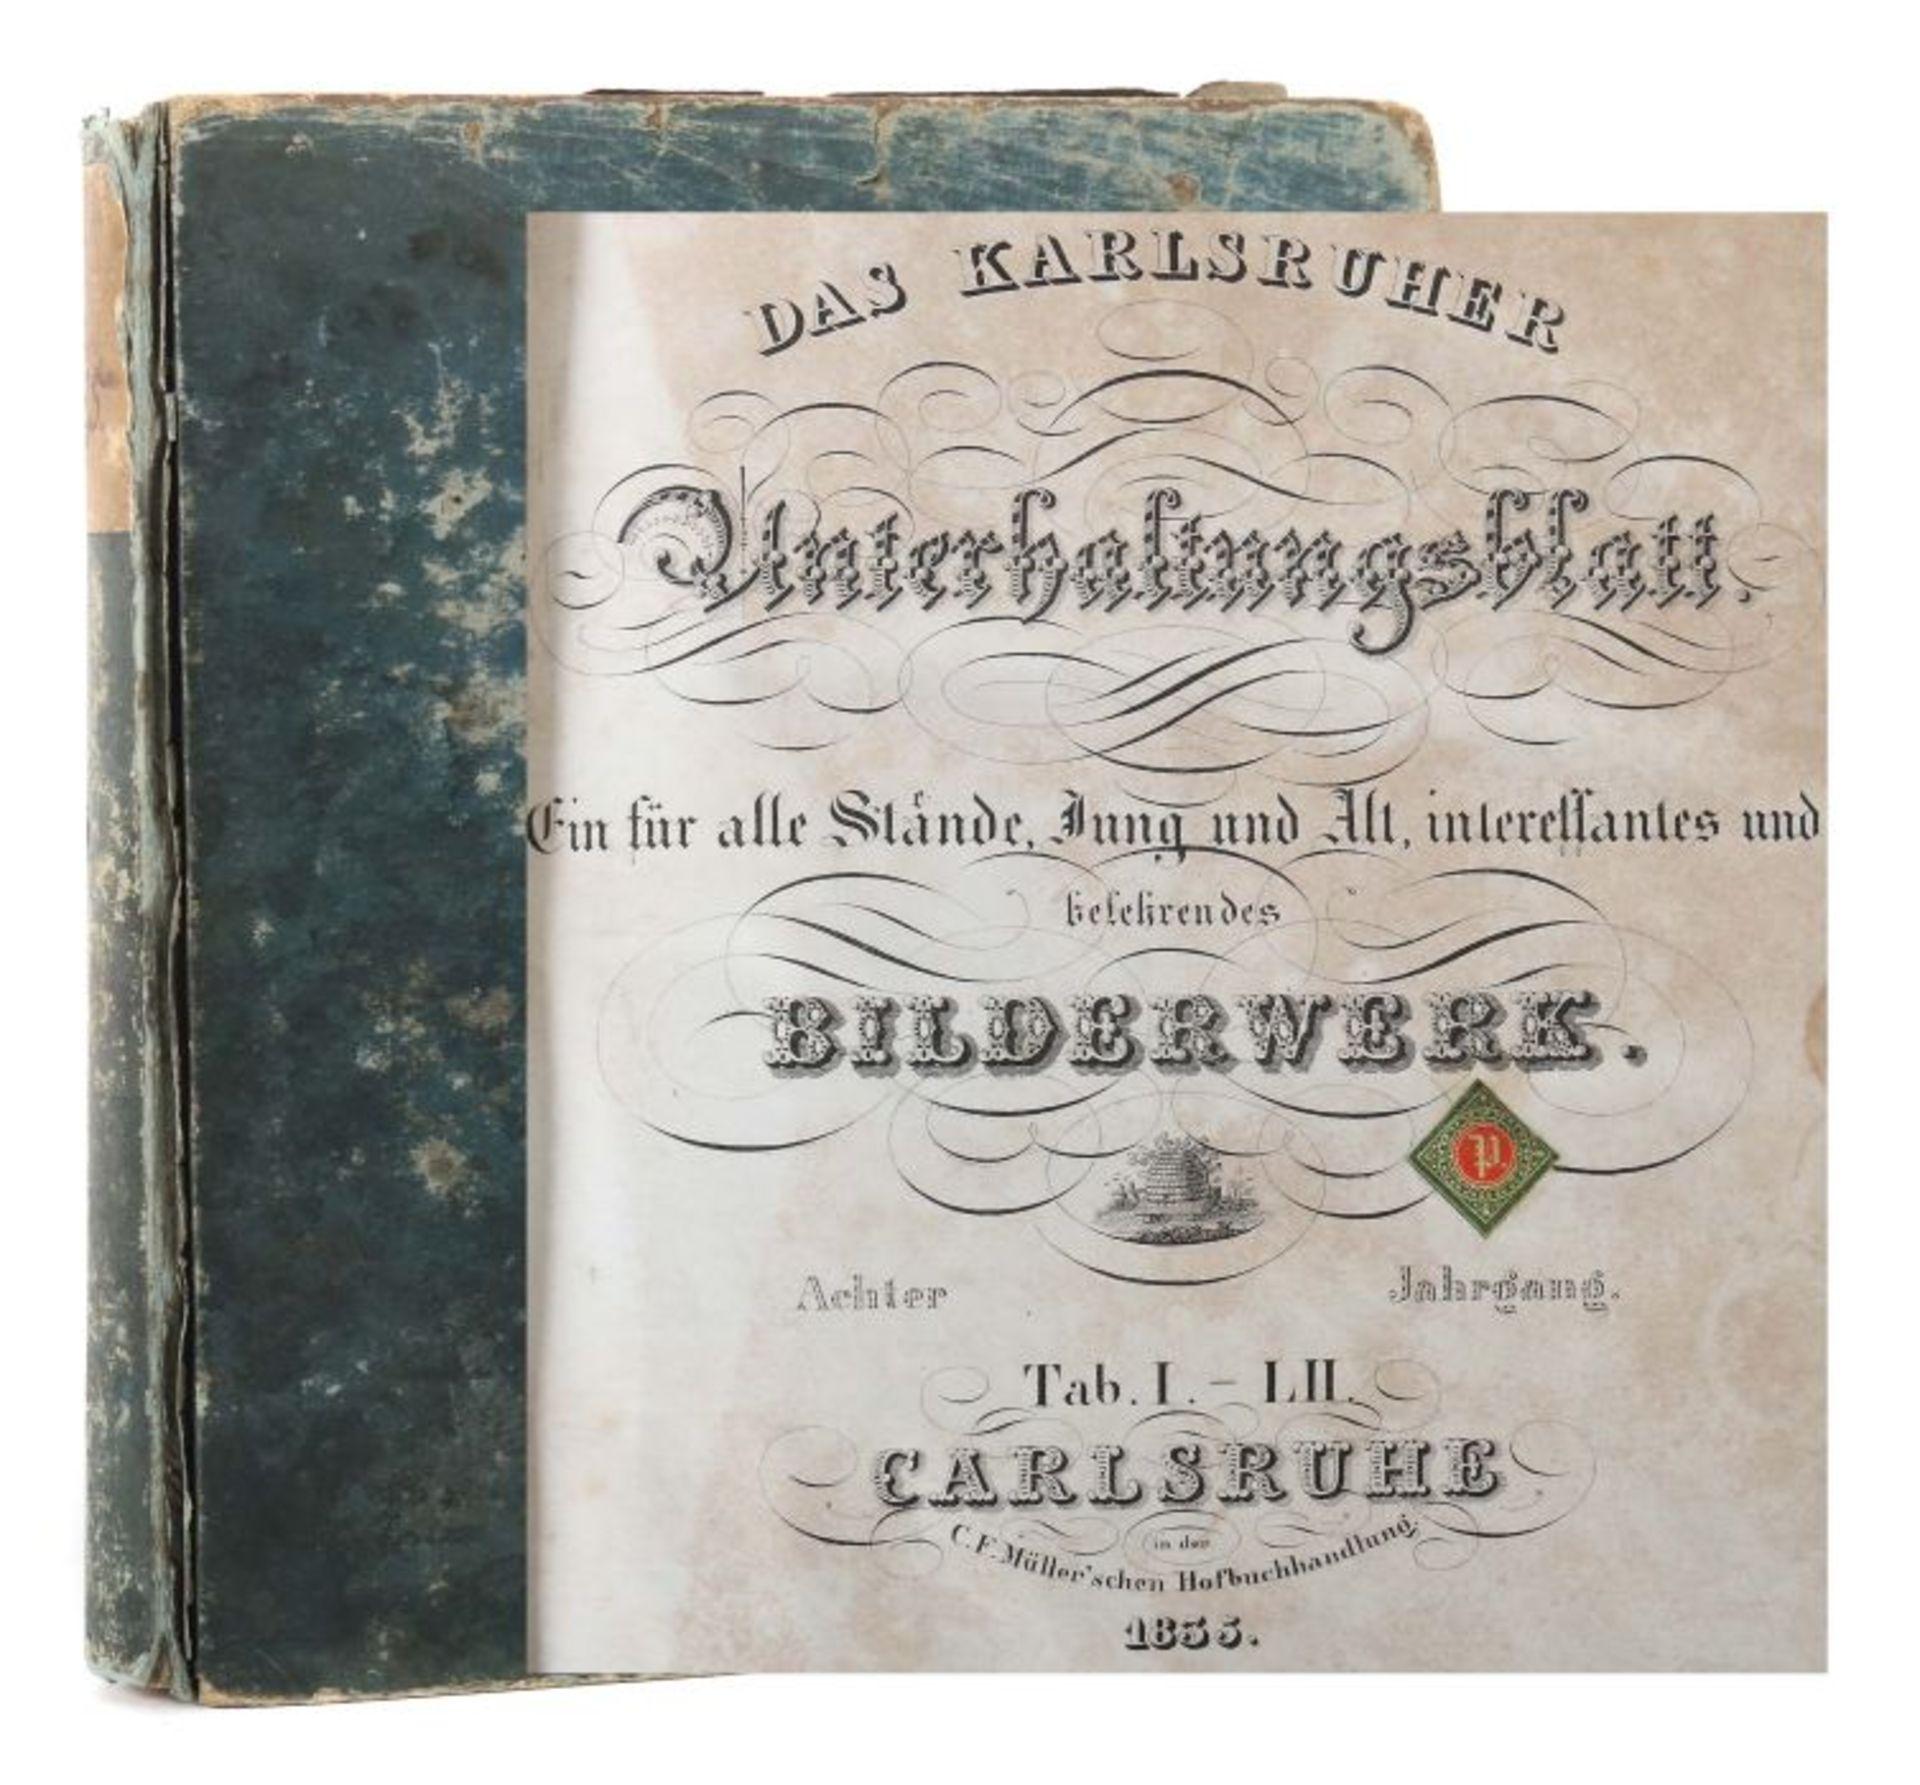 Das Karlsruher Unterhaltungsblatt Ein für alle Stände Jung und Alt interessantes und belehrendes